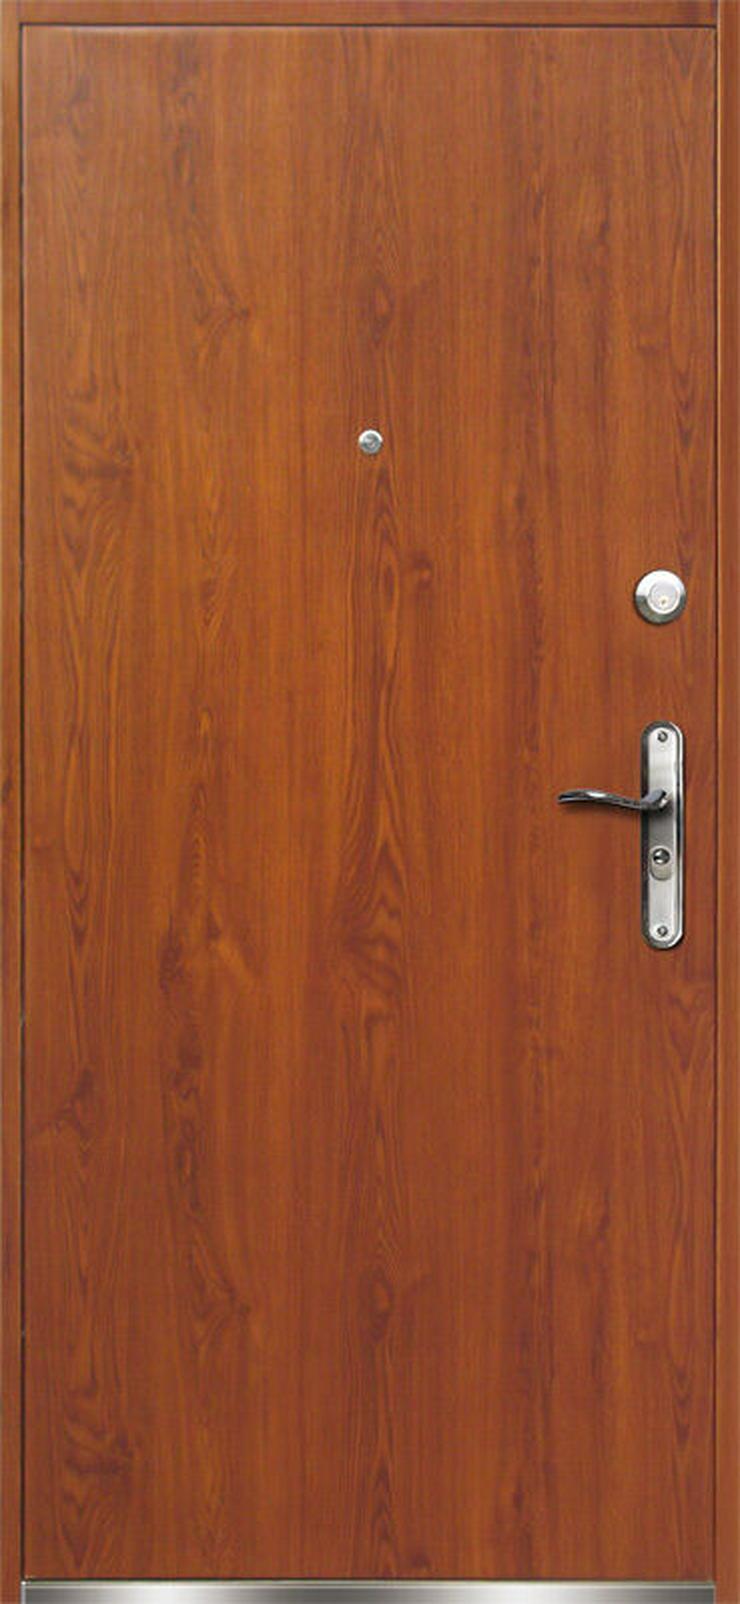 Tür VERONA Haustür Eingangstür Stahltür 80/90 Breite 45 mm Golden Eiche - Türen - Bild 1